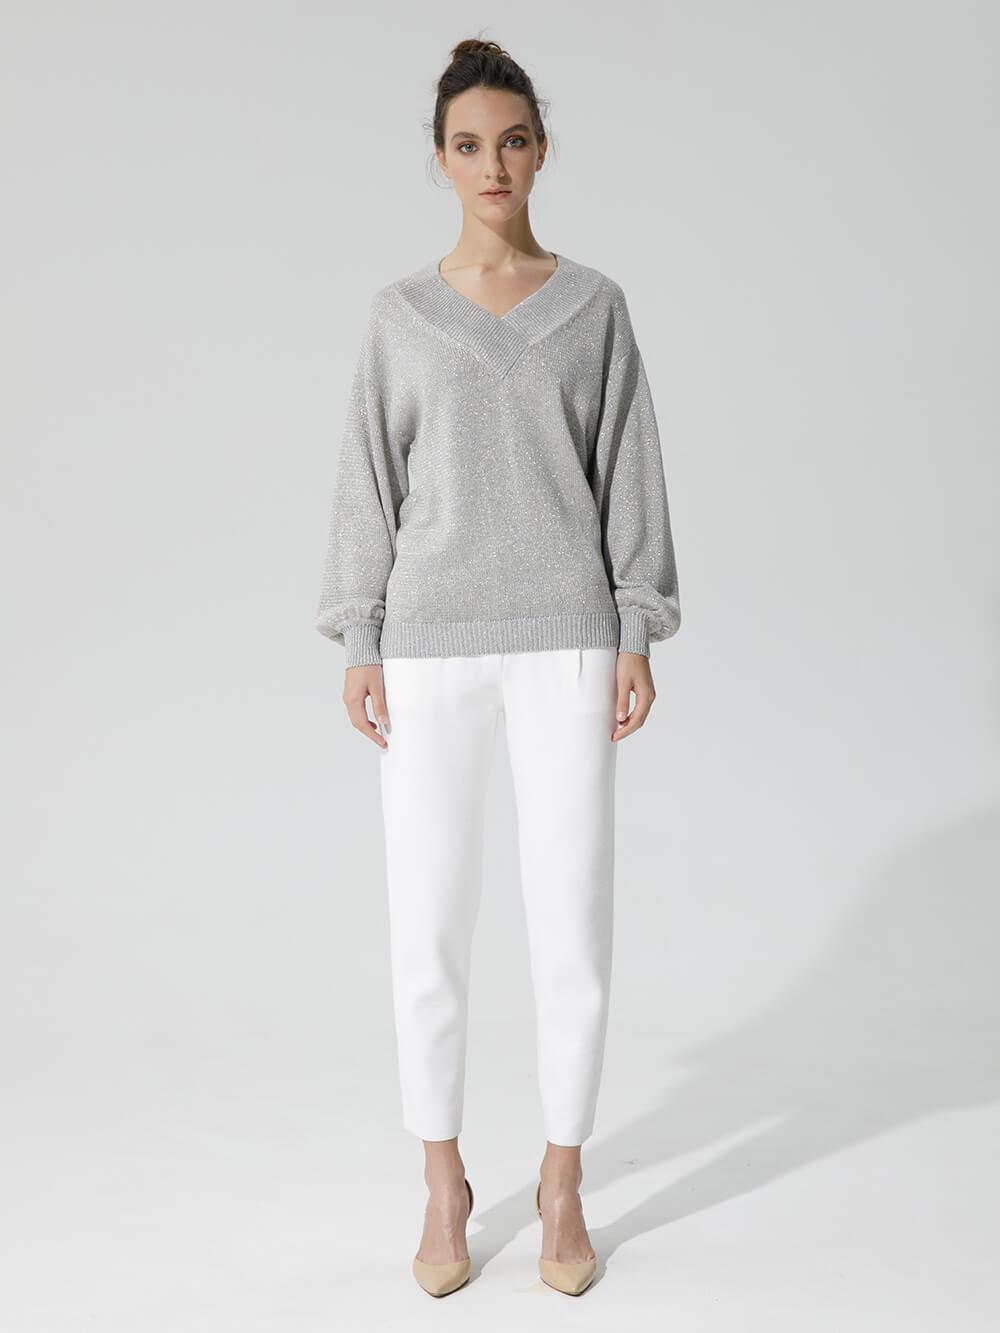 Женские укороченные брюки молочного цвета из вискозы - фото 1